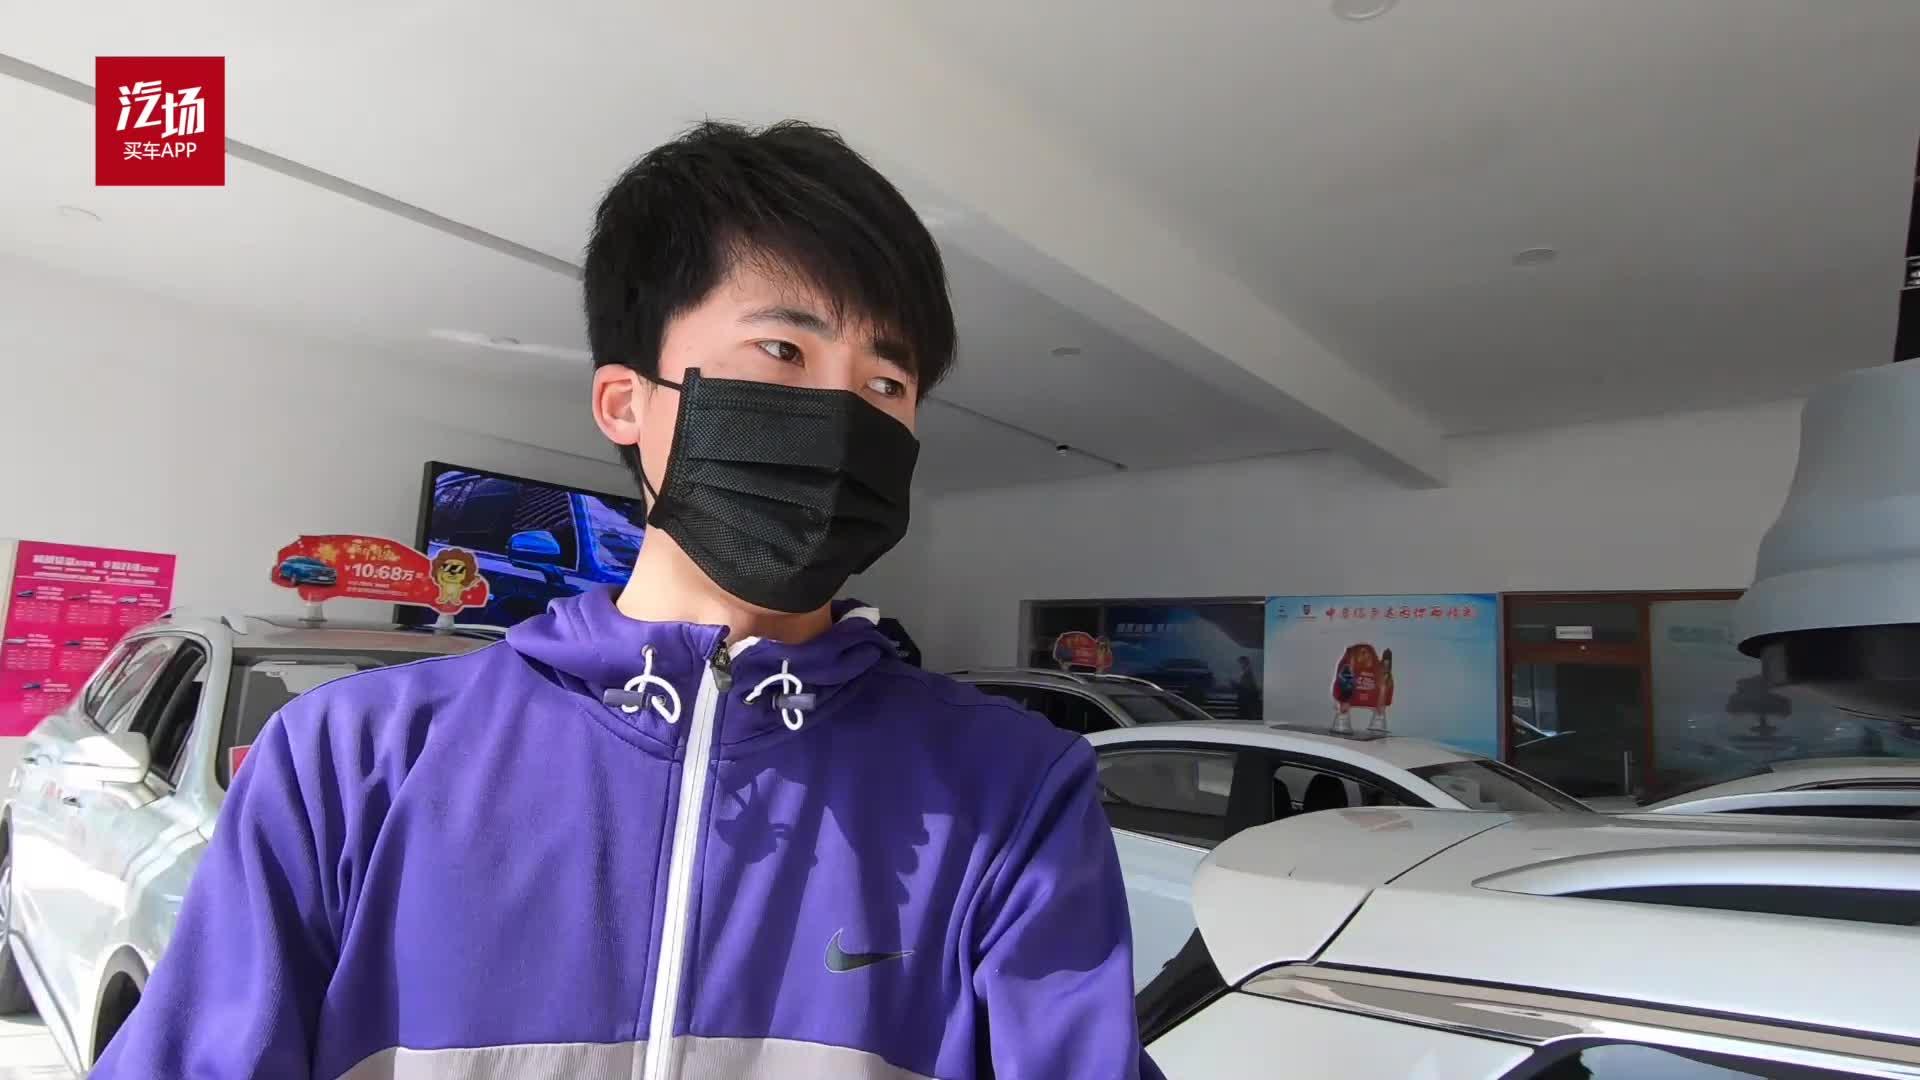 「汽车V报」新款荣威Ei5官图发布;新宝骏全新旅行车预告图曝光\-20210304